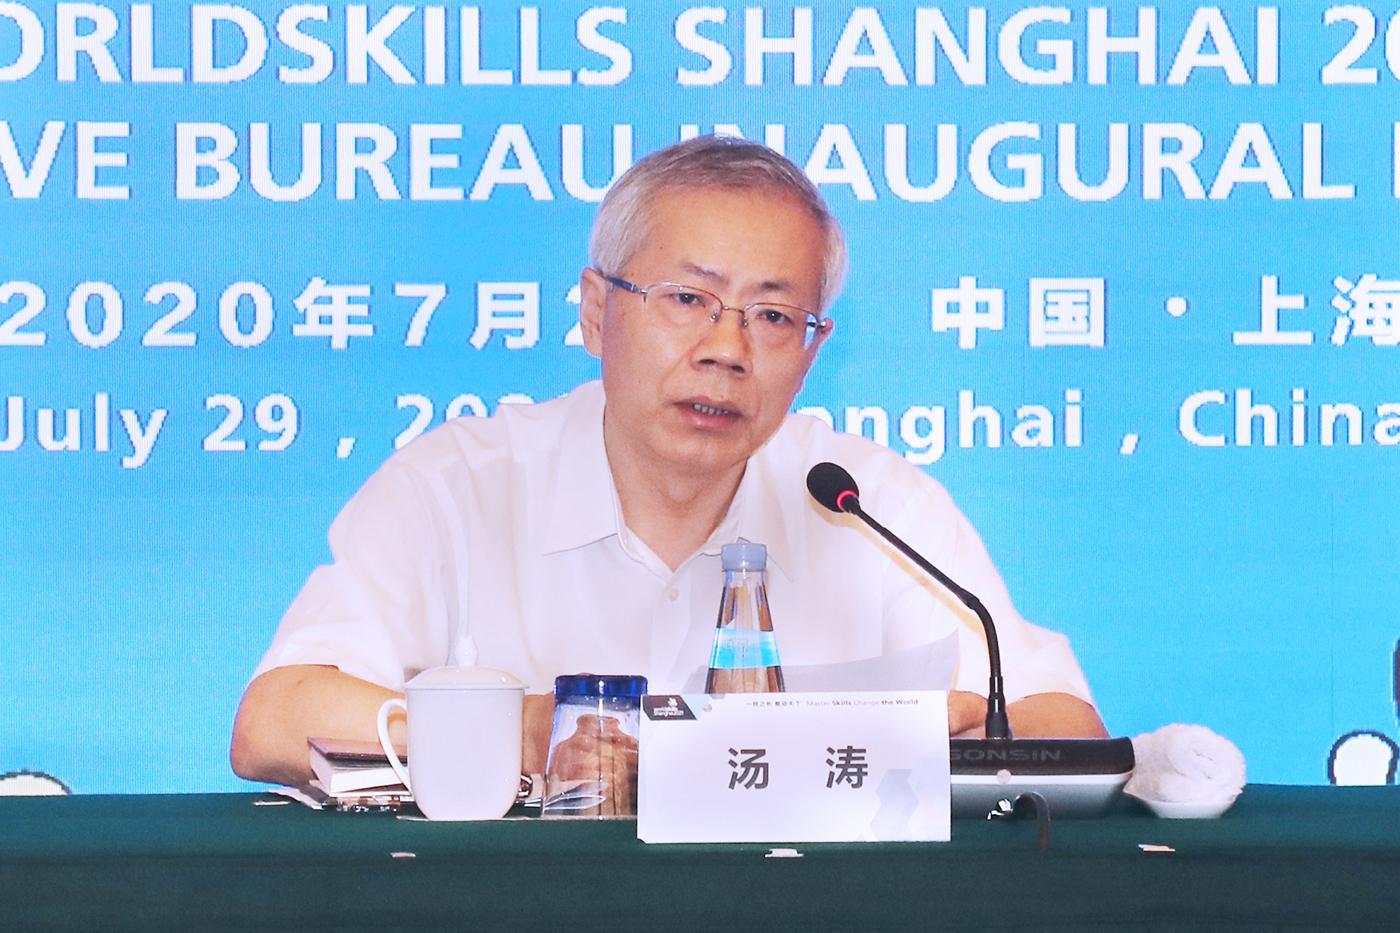 人力资源和社会保障部副部长汤涛参加成立大会并讲话